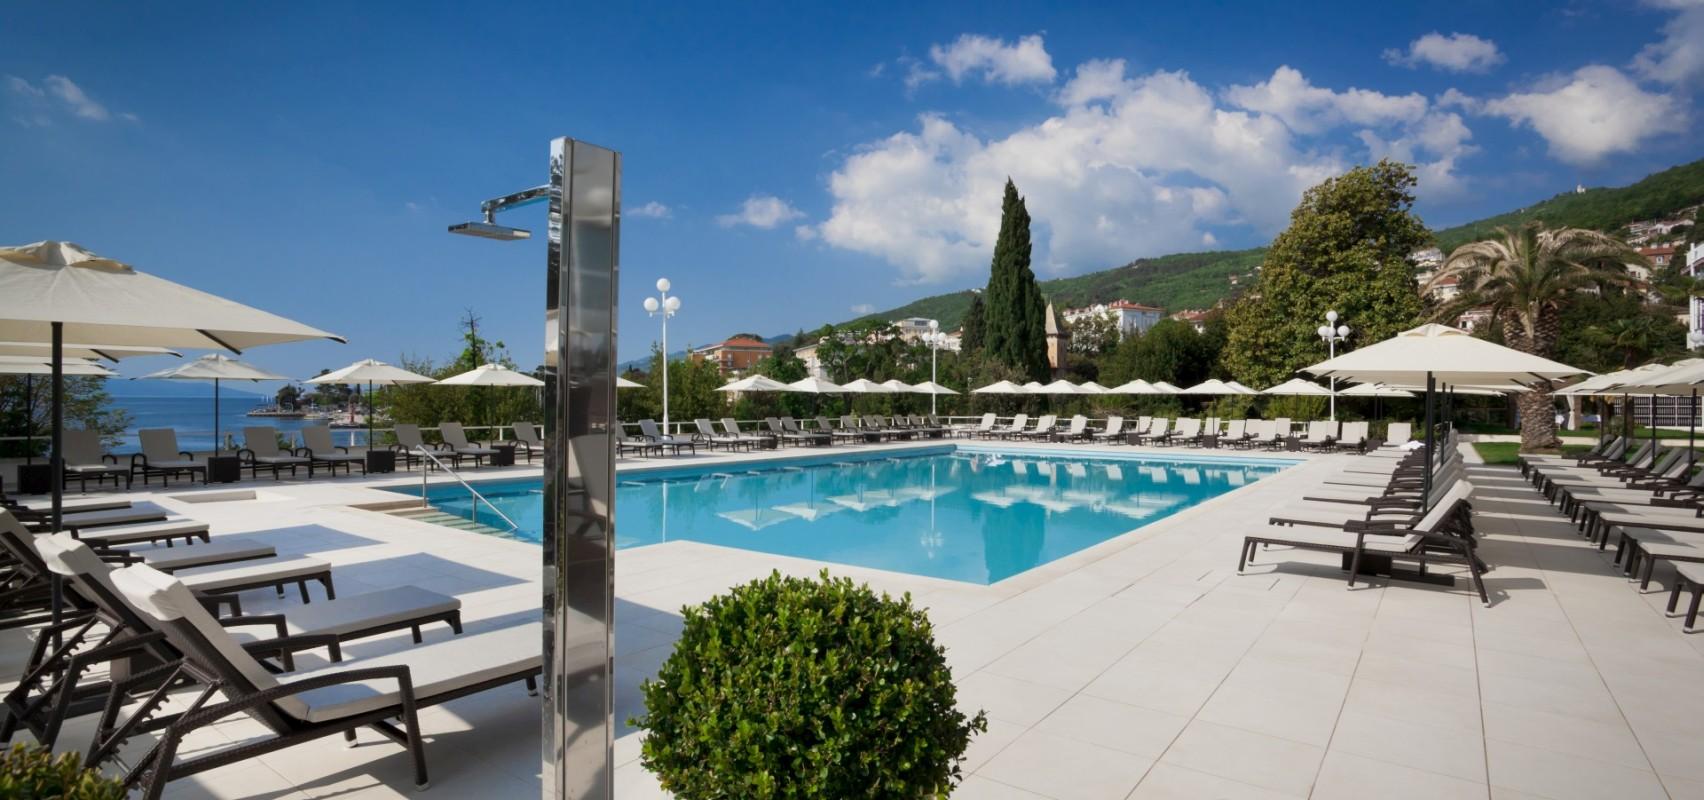 Villa ambasador opatija in croatia liburnia for Design hotel 5 sterne